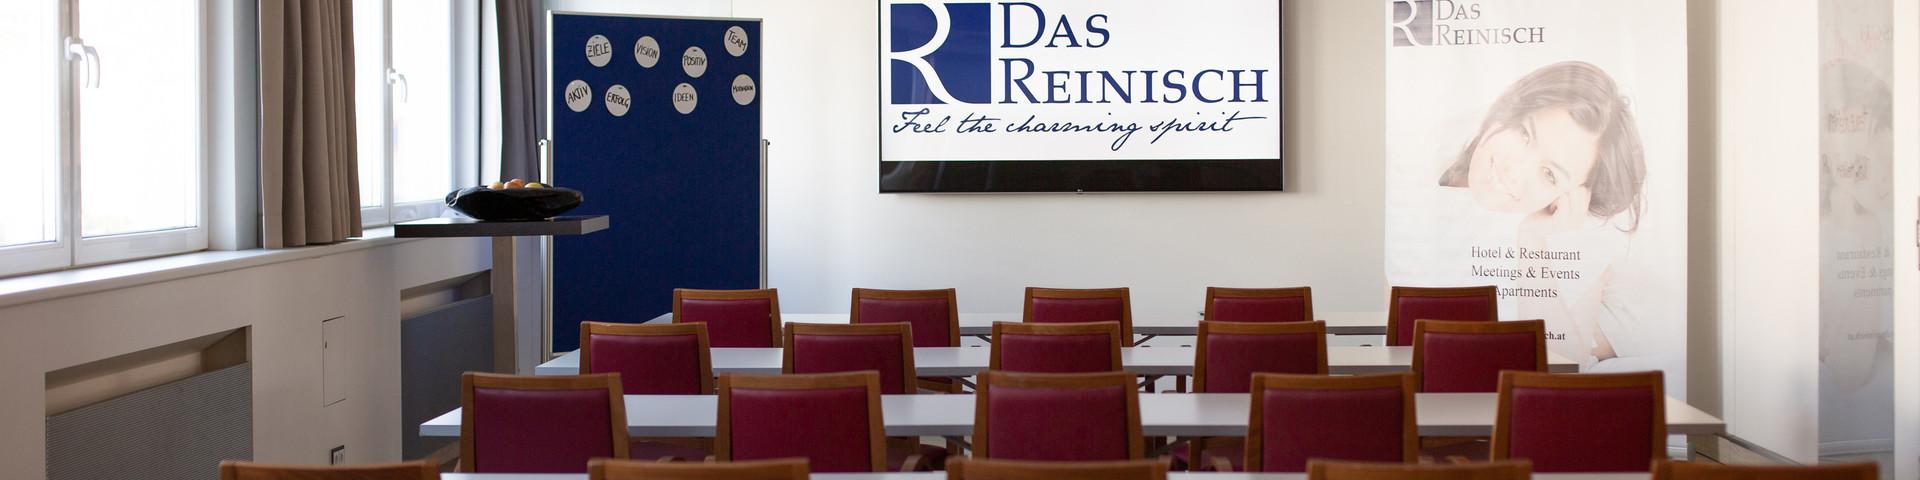 das Reinische business hotel - Seminar © das Reinische business hotel